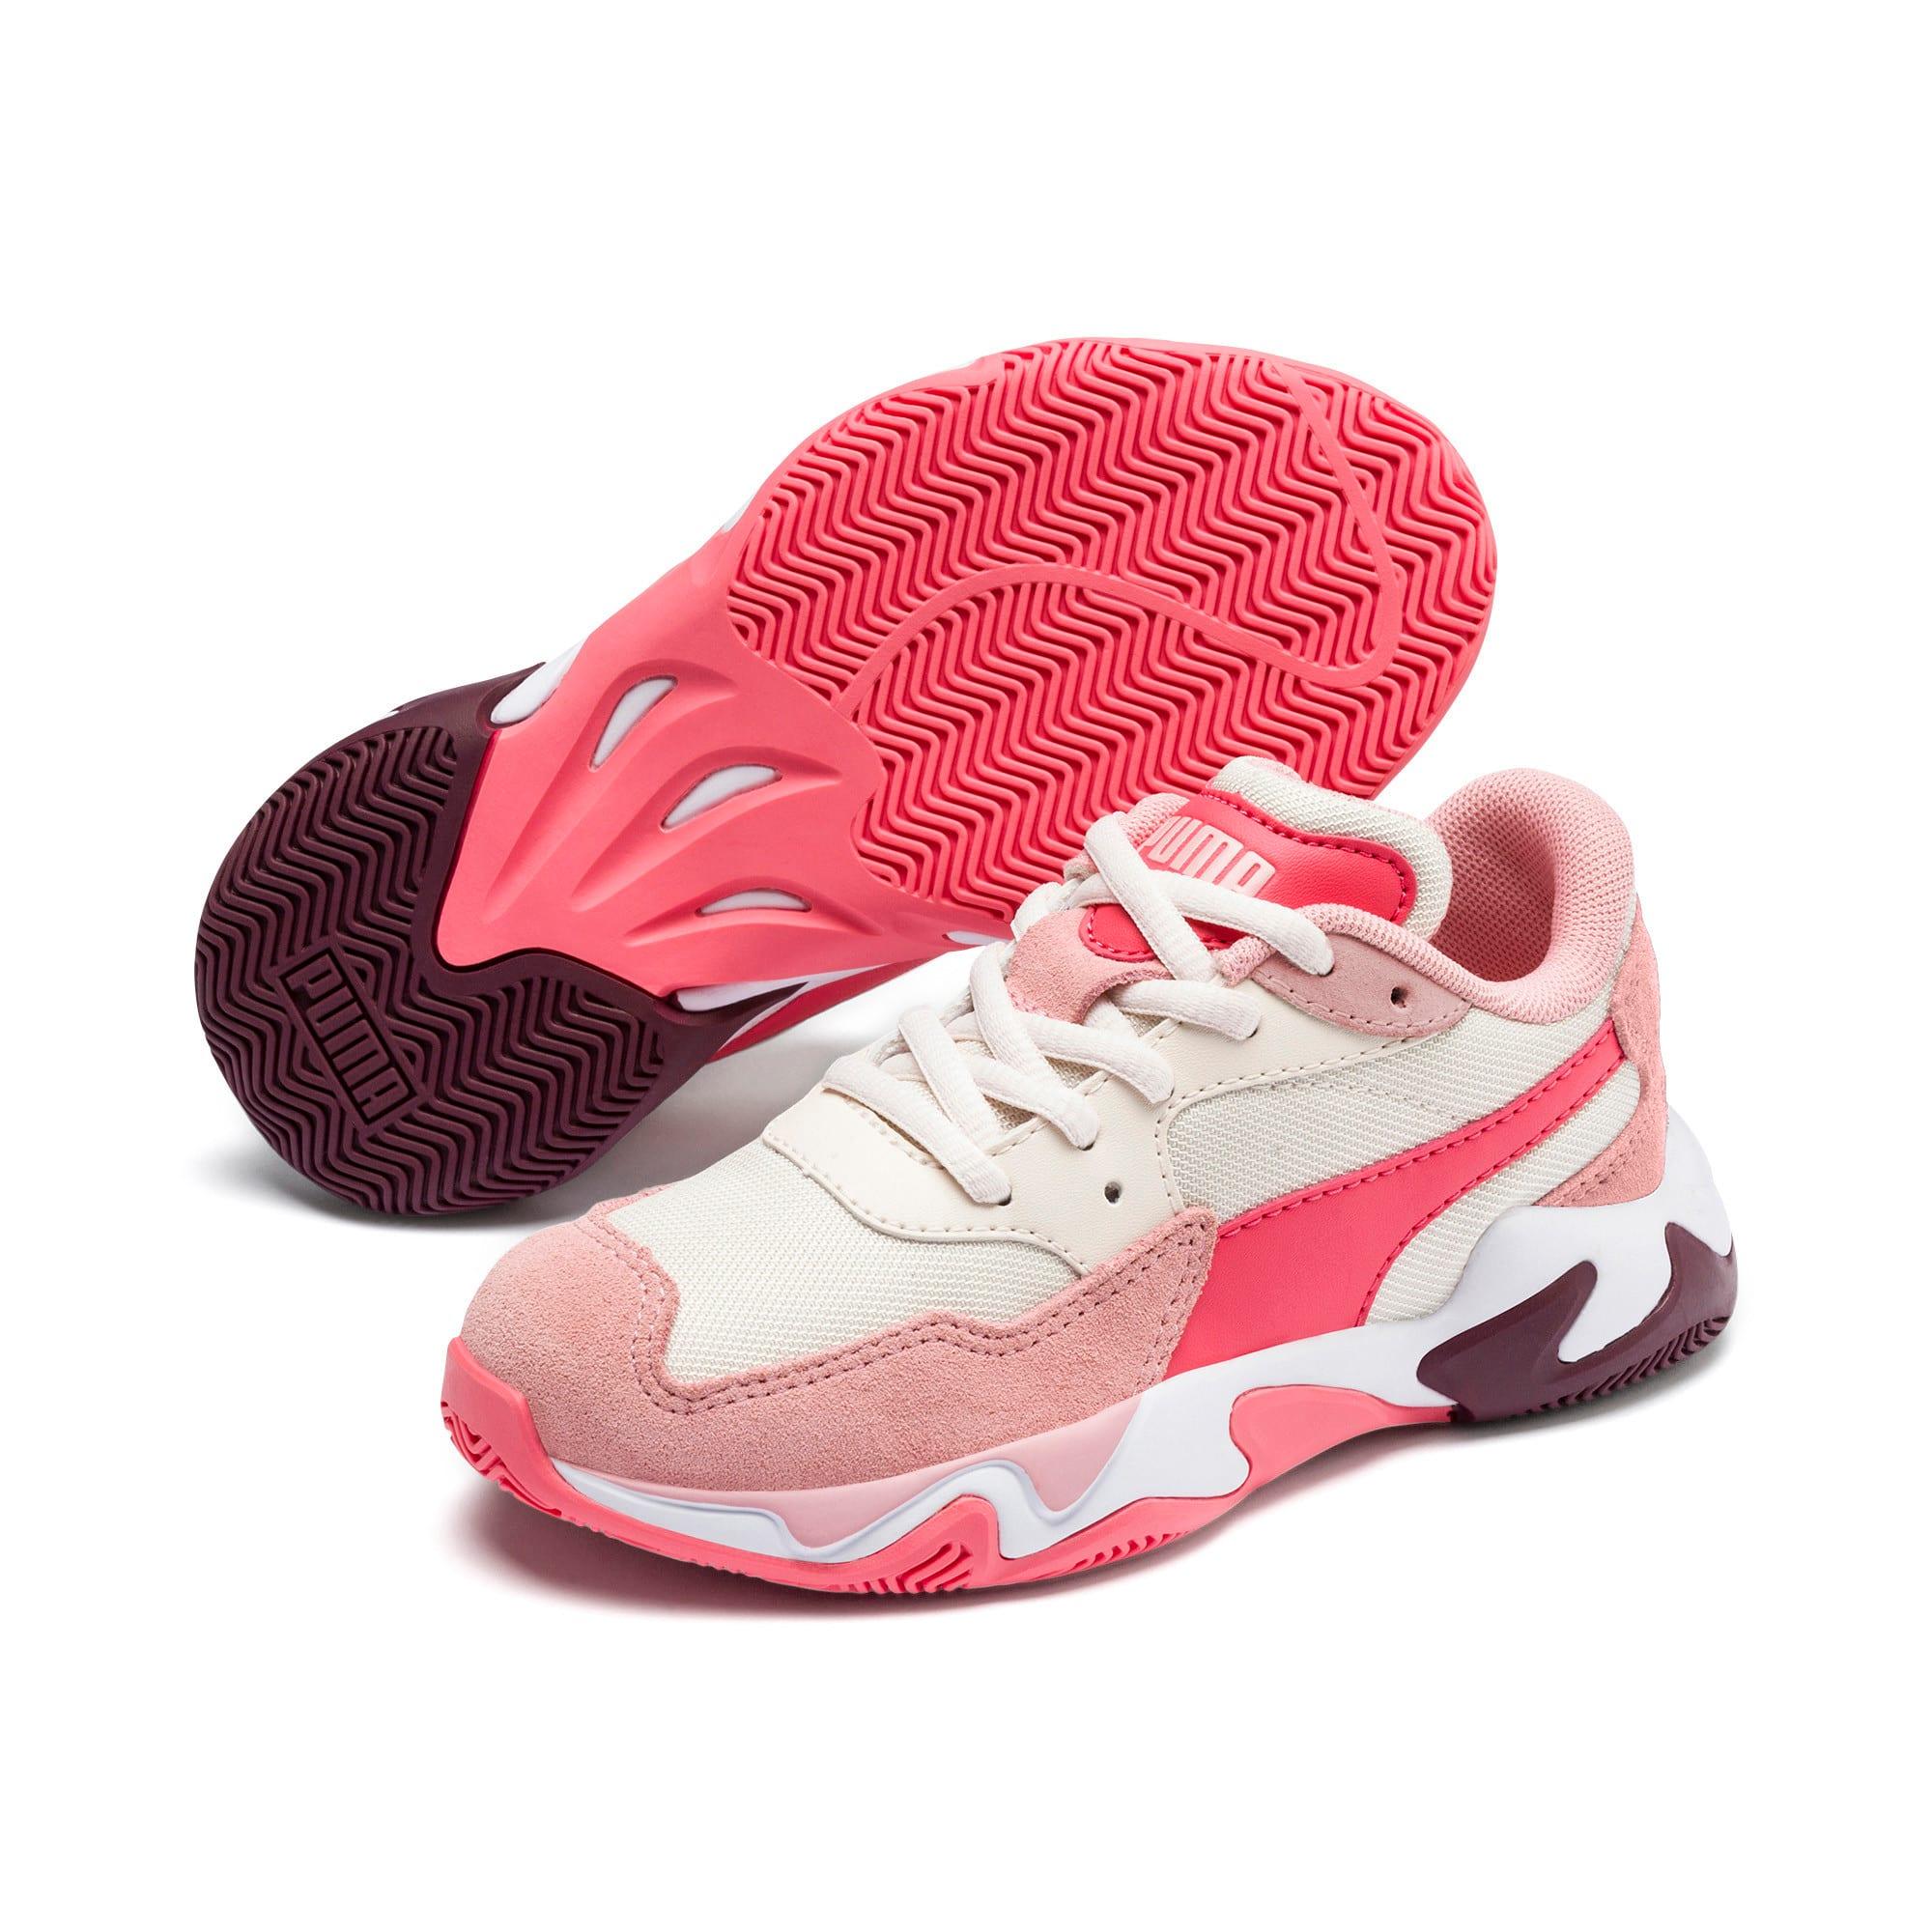 Miniatura 2 de Zapatos Storm Ray para niño pequeño, Bridal Rose-Pastel Parchment, mediano